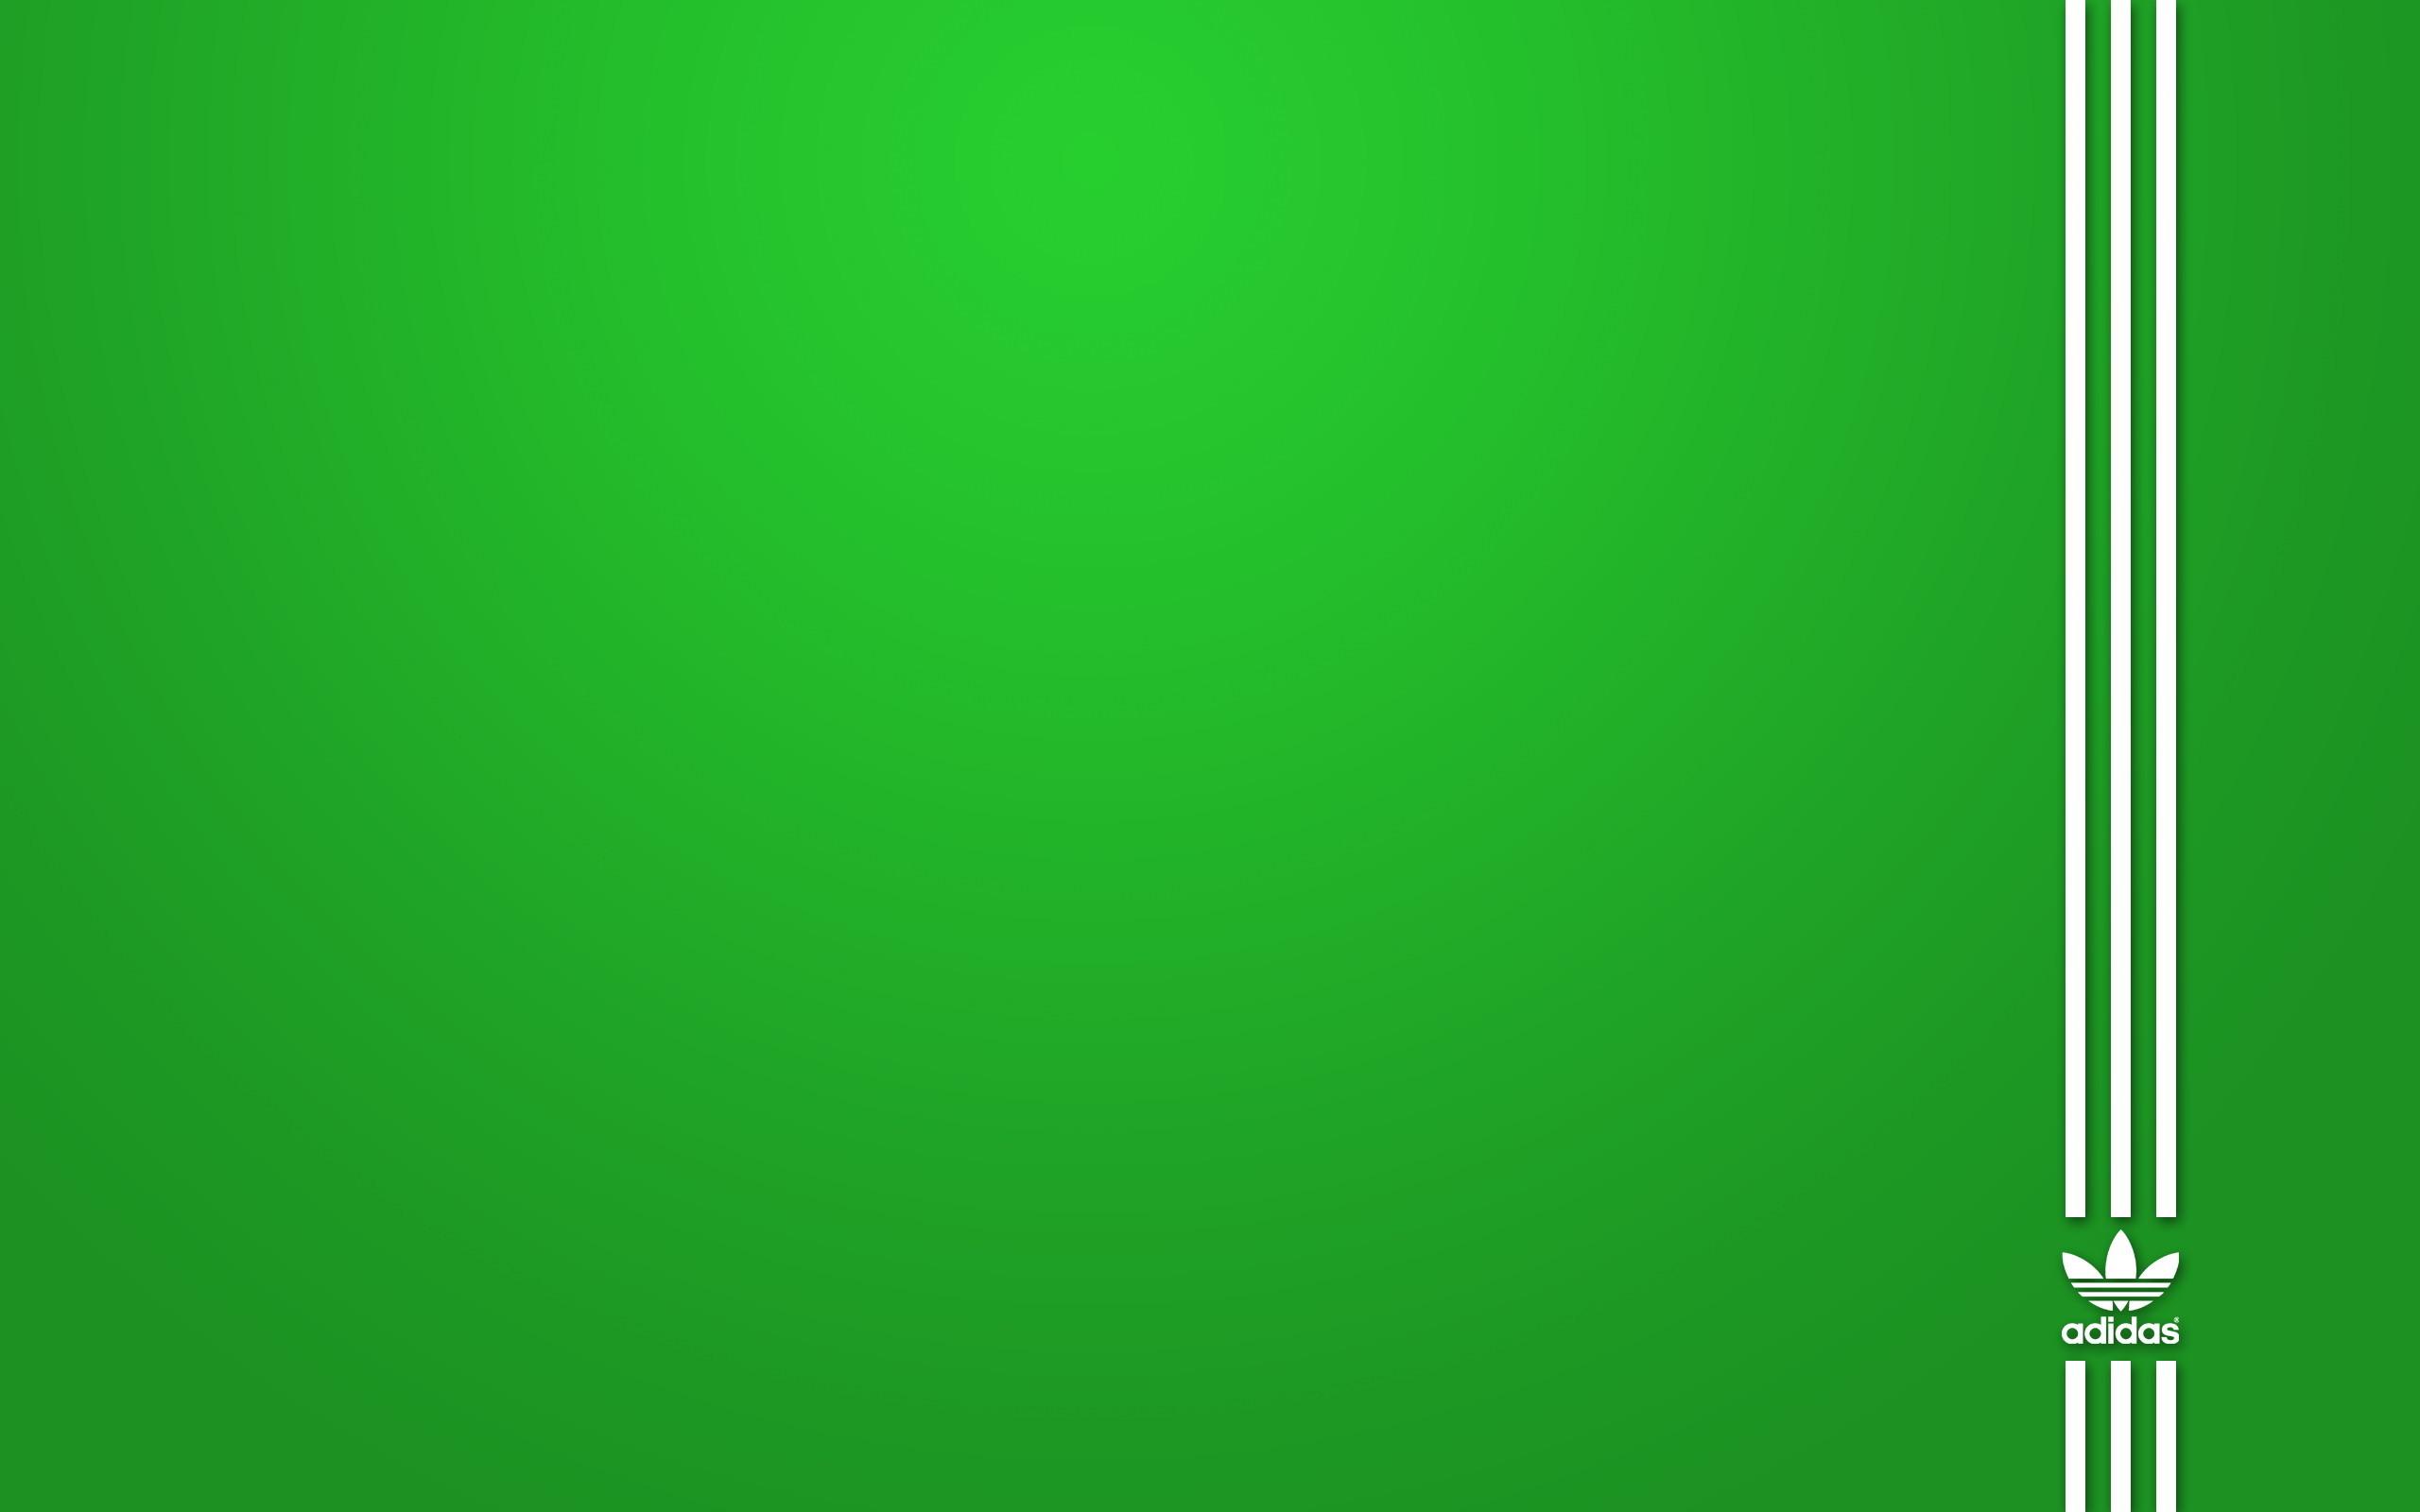 デイトナ ロレックス モデル チェンジ   LOUIS VUITTON - LOUIS VUITTON 財布 長財布 モノグラムの通販 by フリマ〜 ルイヴィトンならラクマ